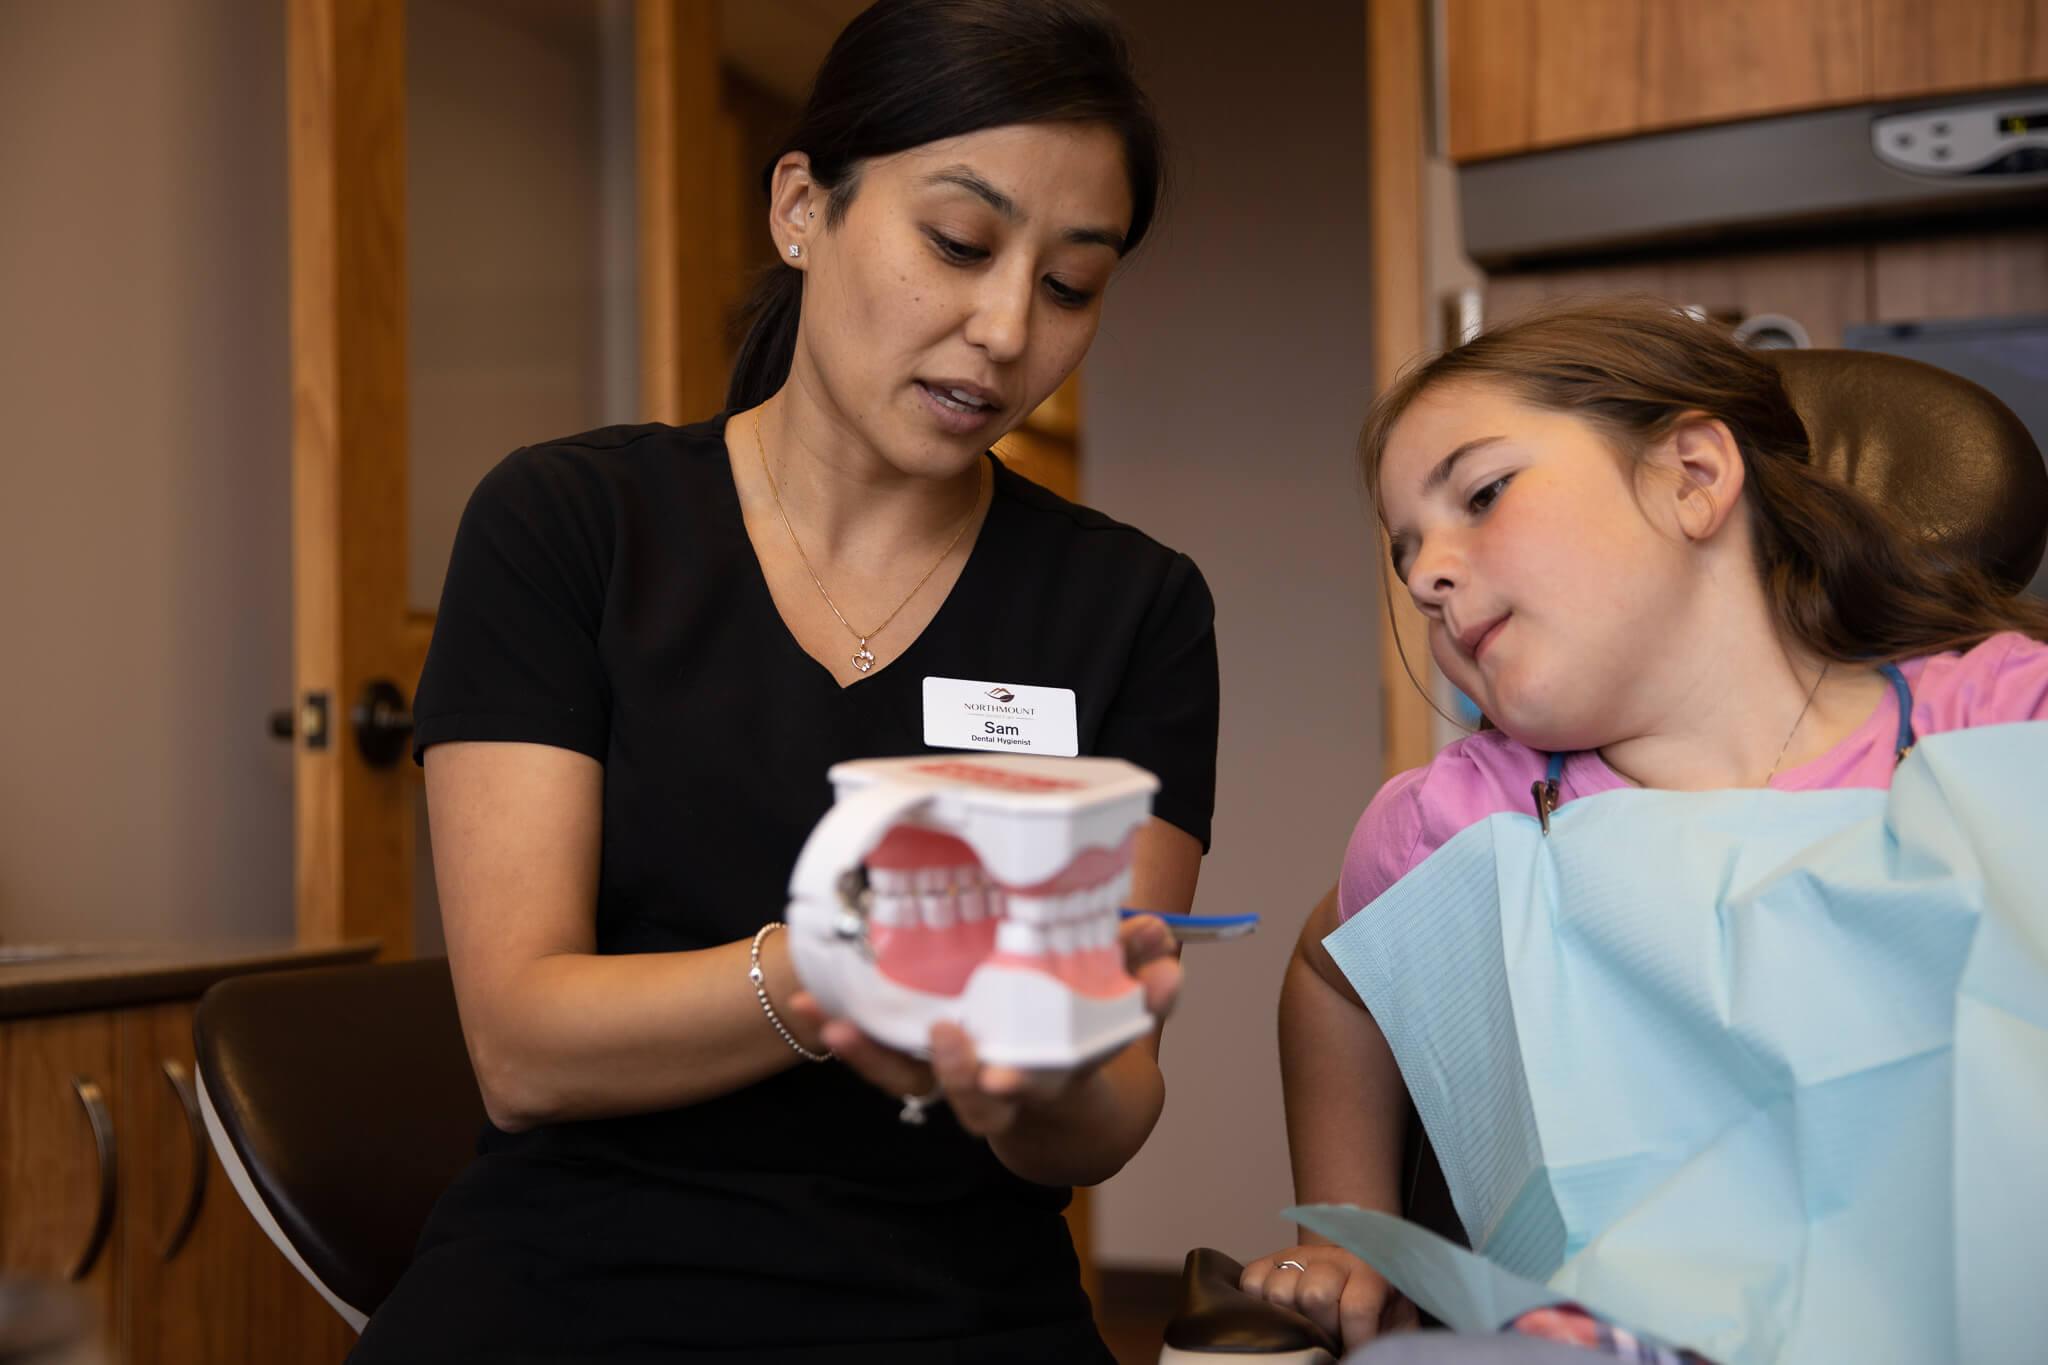 calgary dental care for children